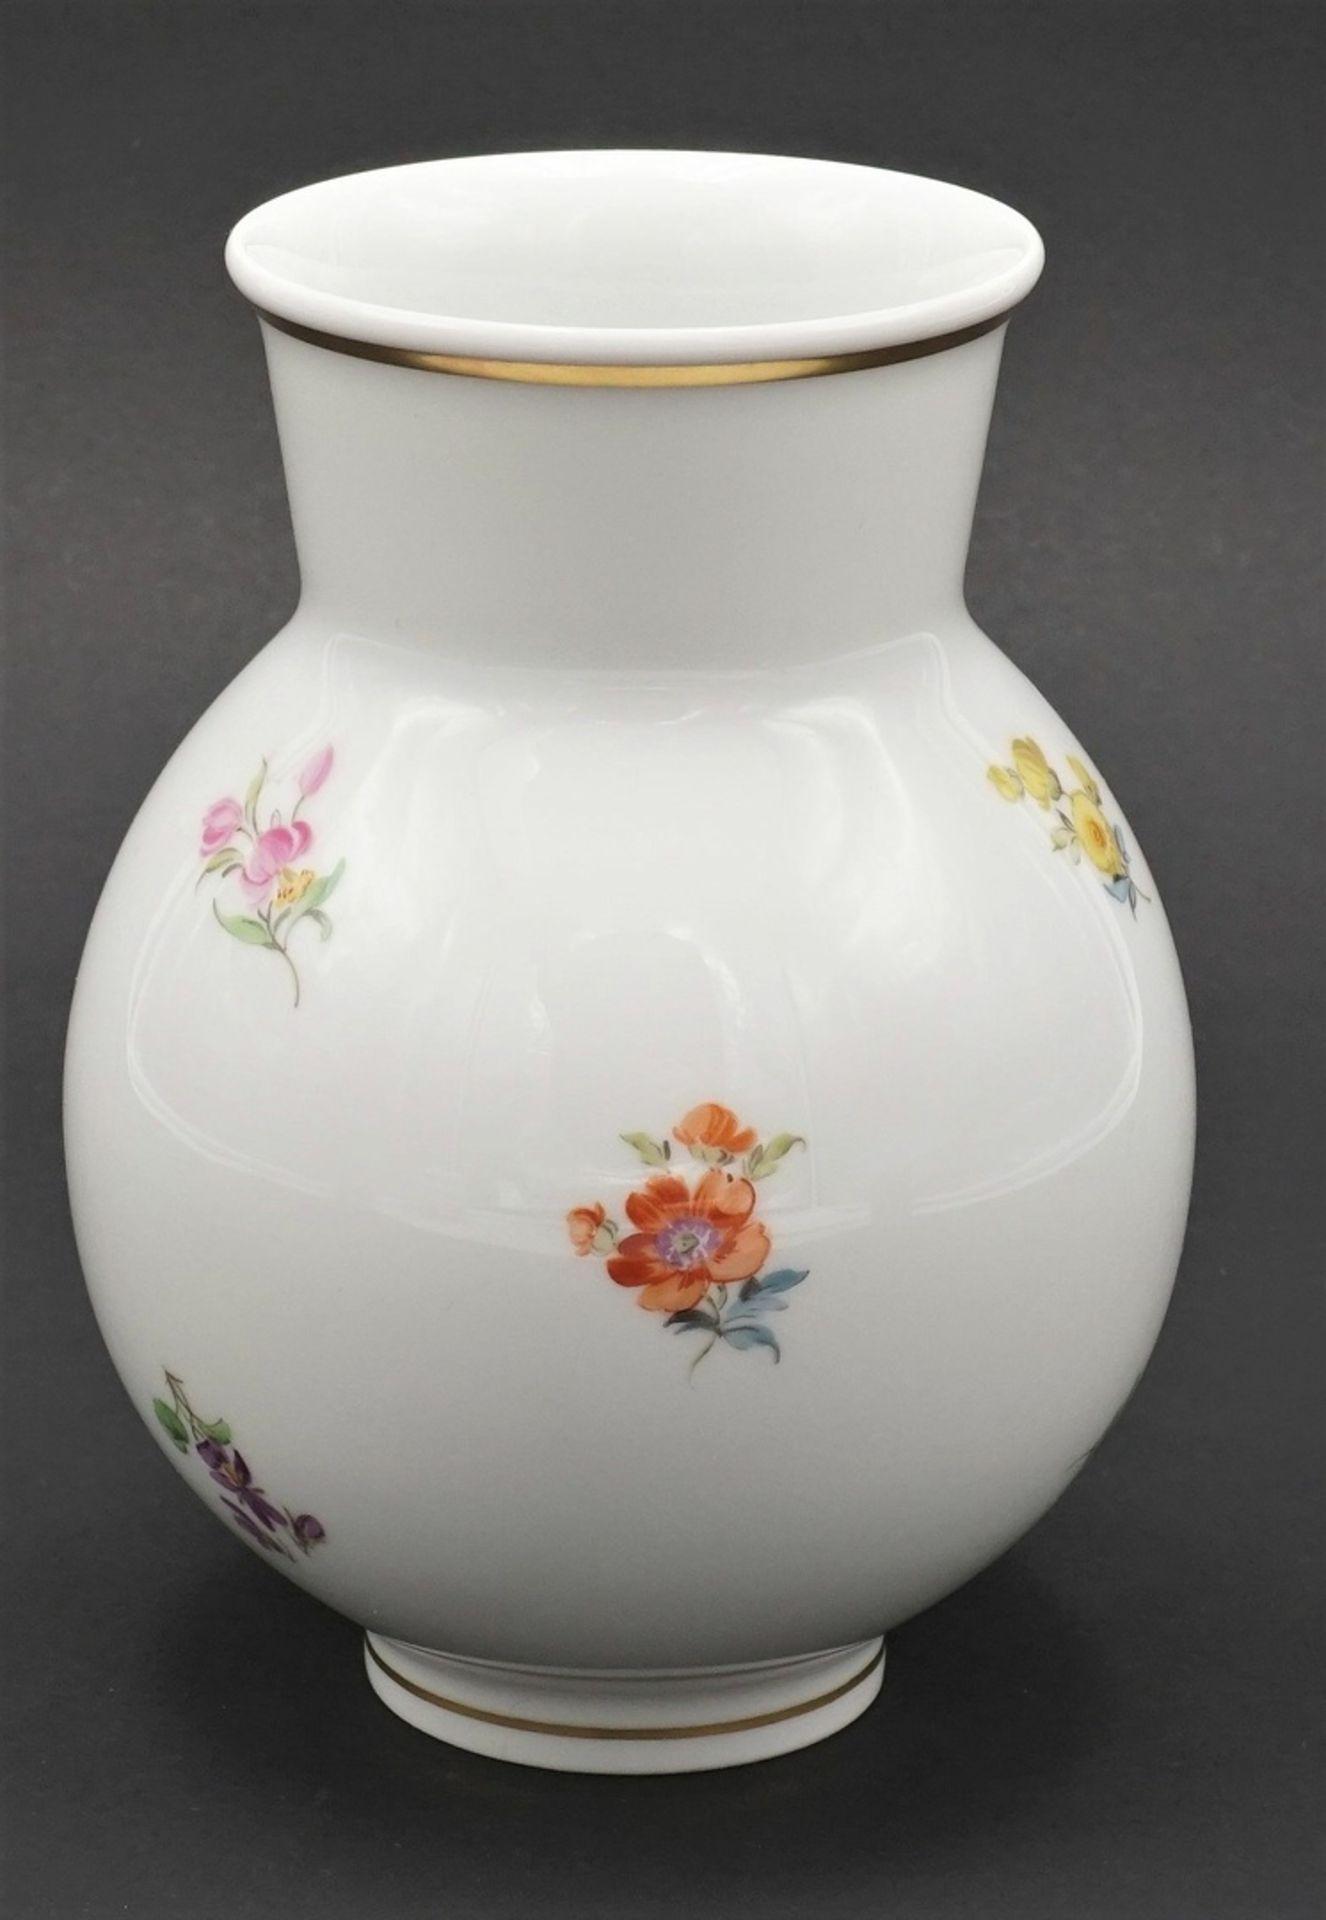 Meissen Fußschale, Vase und Deckeldose mit Streublümchen - Bild 3 aus 5